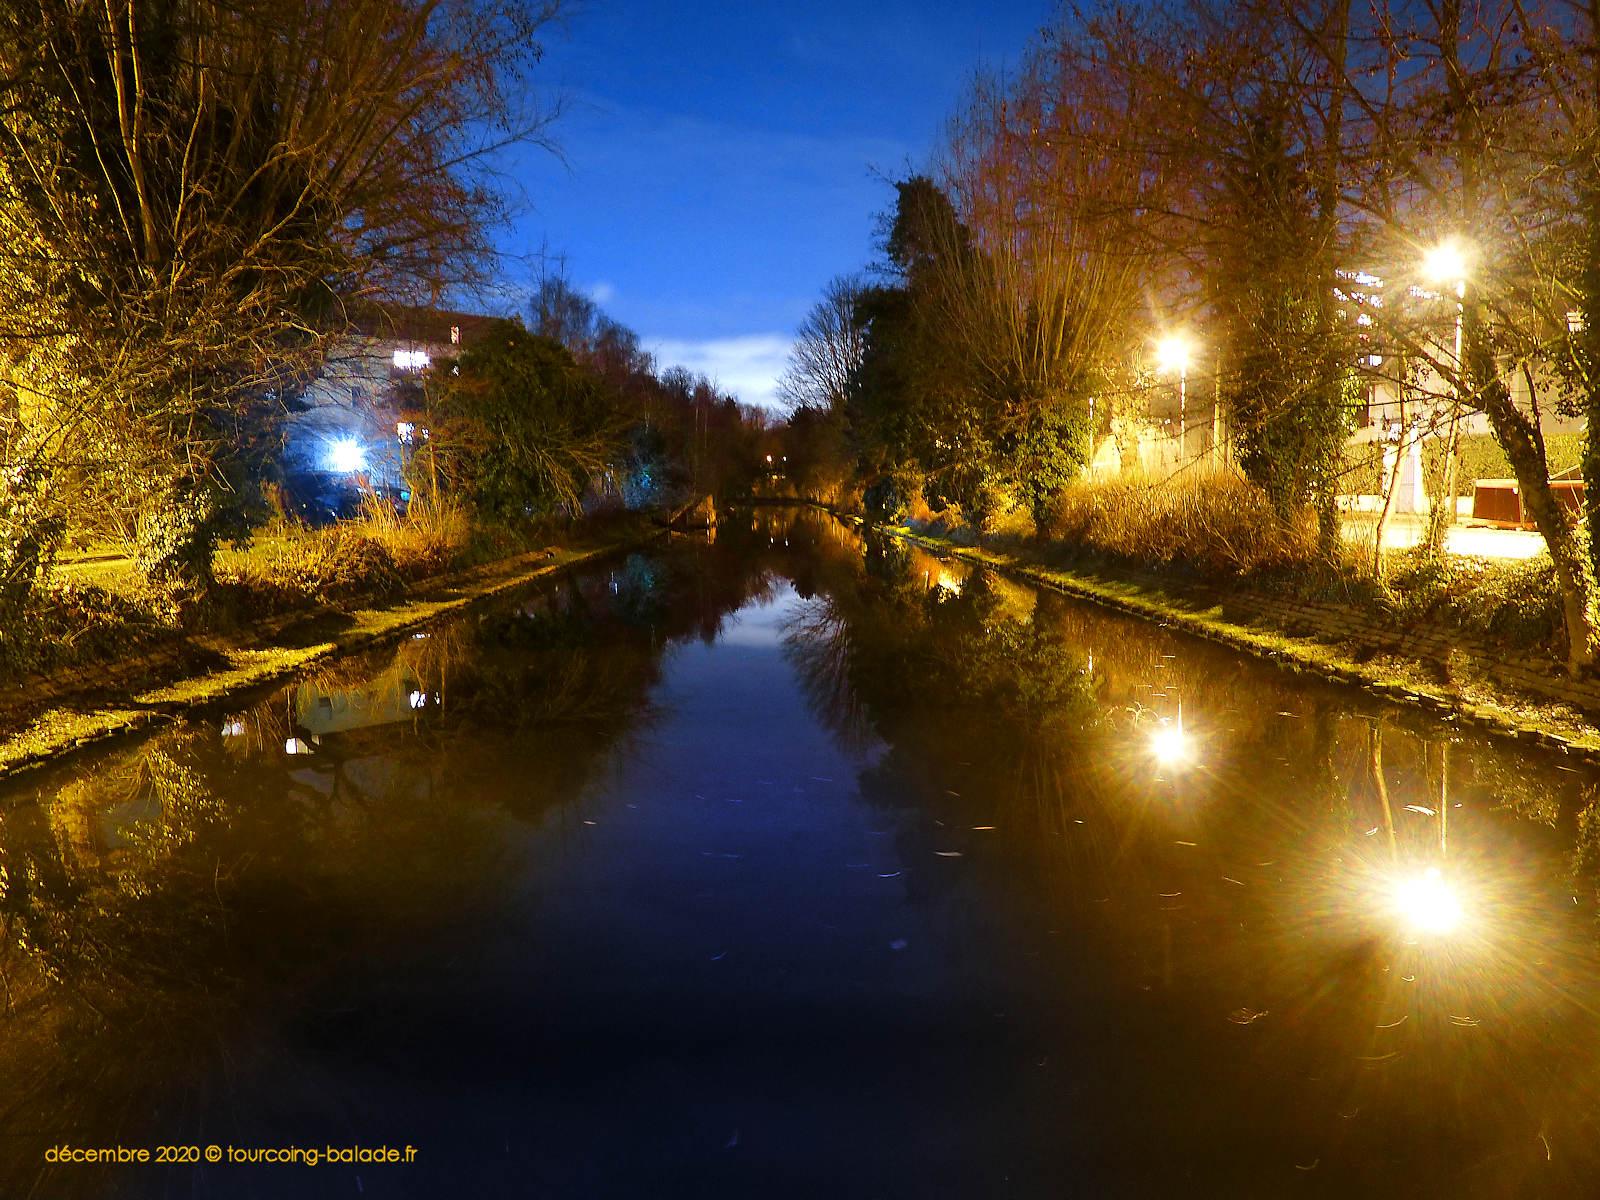 Canal depuis Pont du Halot de nuit, Tourcoing 2020